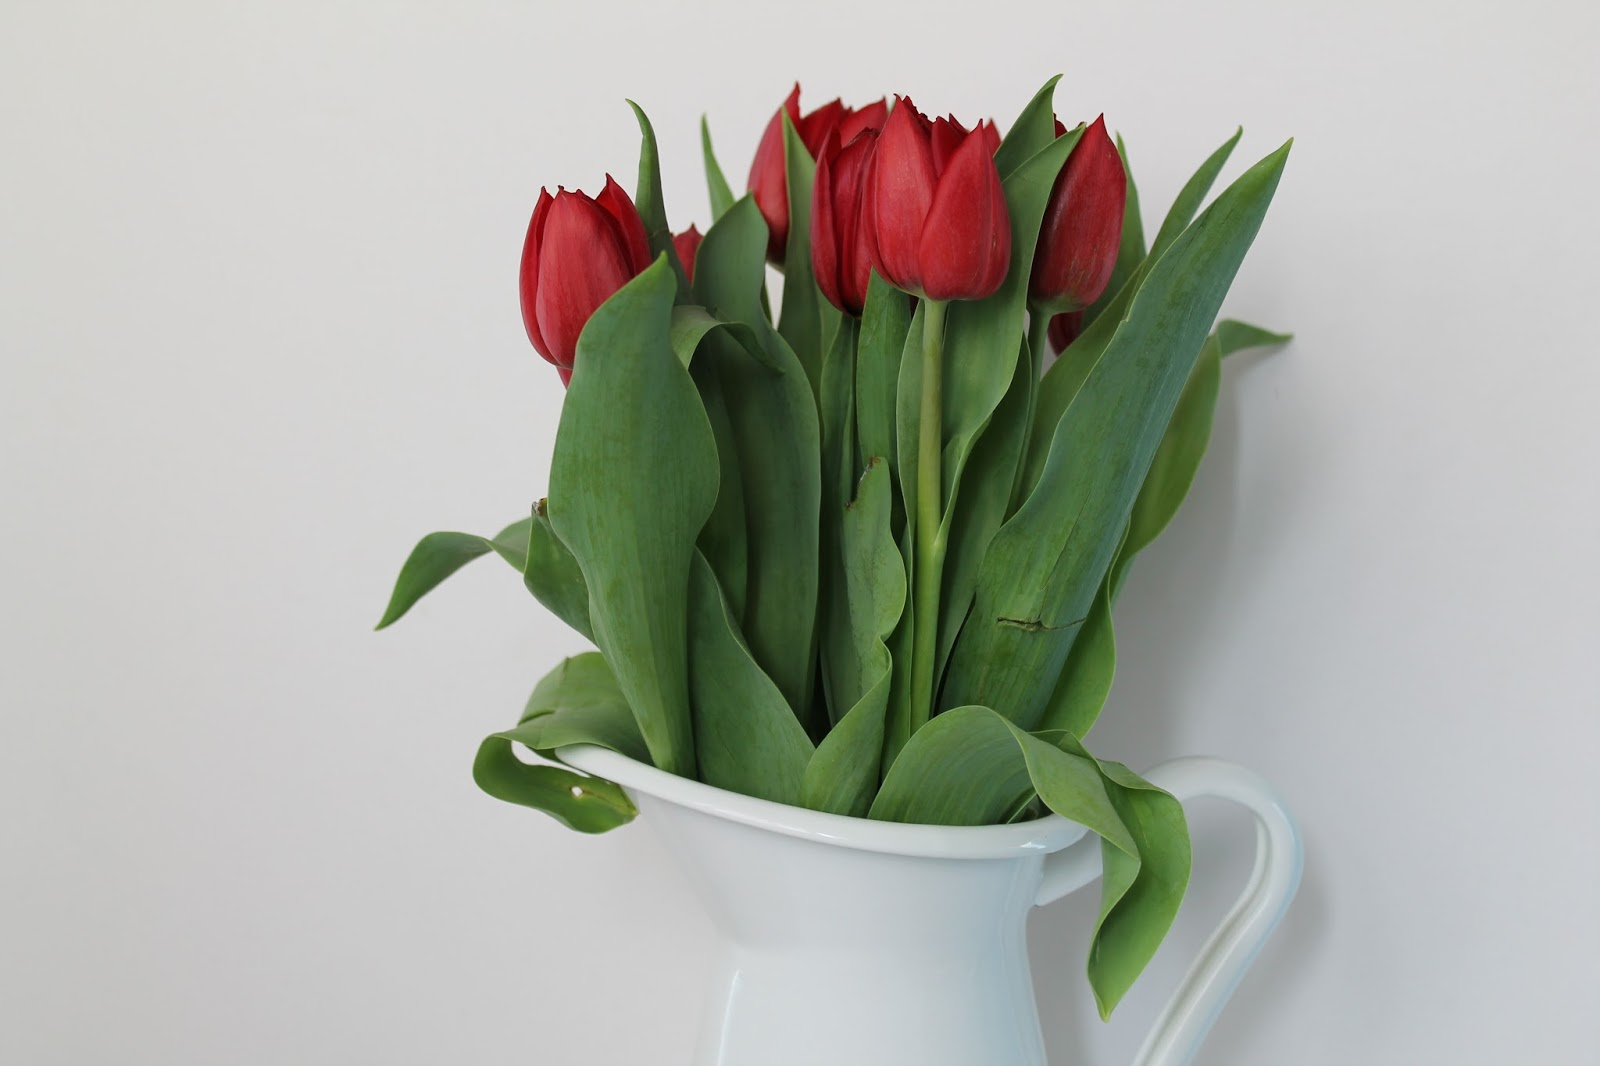 Rote Tulpen in weisser Milchkanne